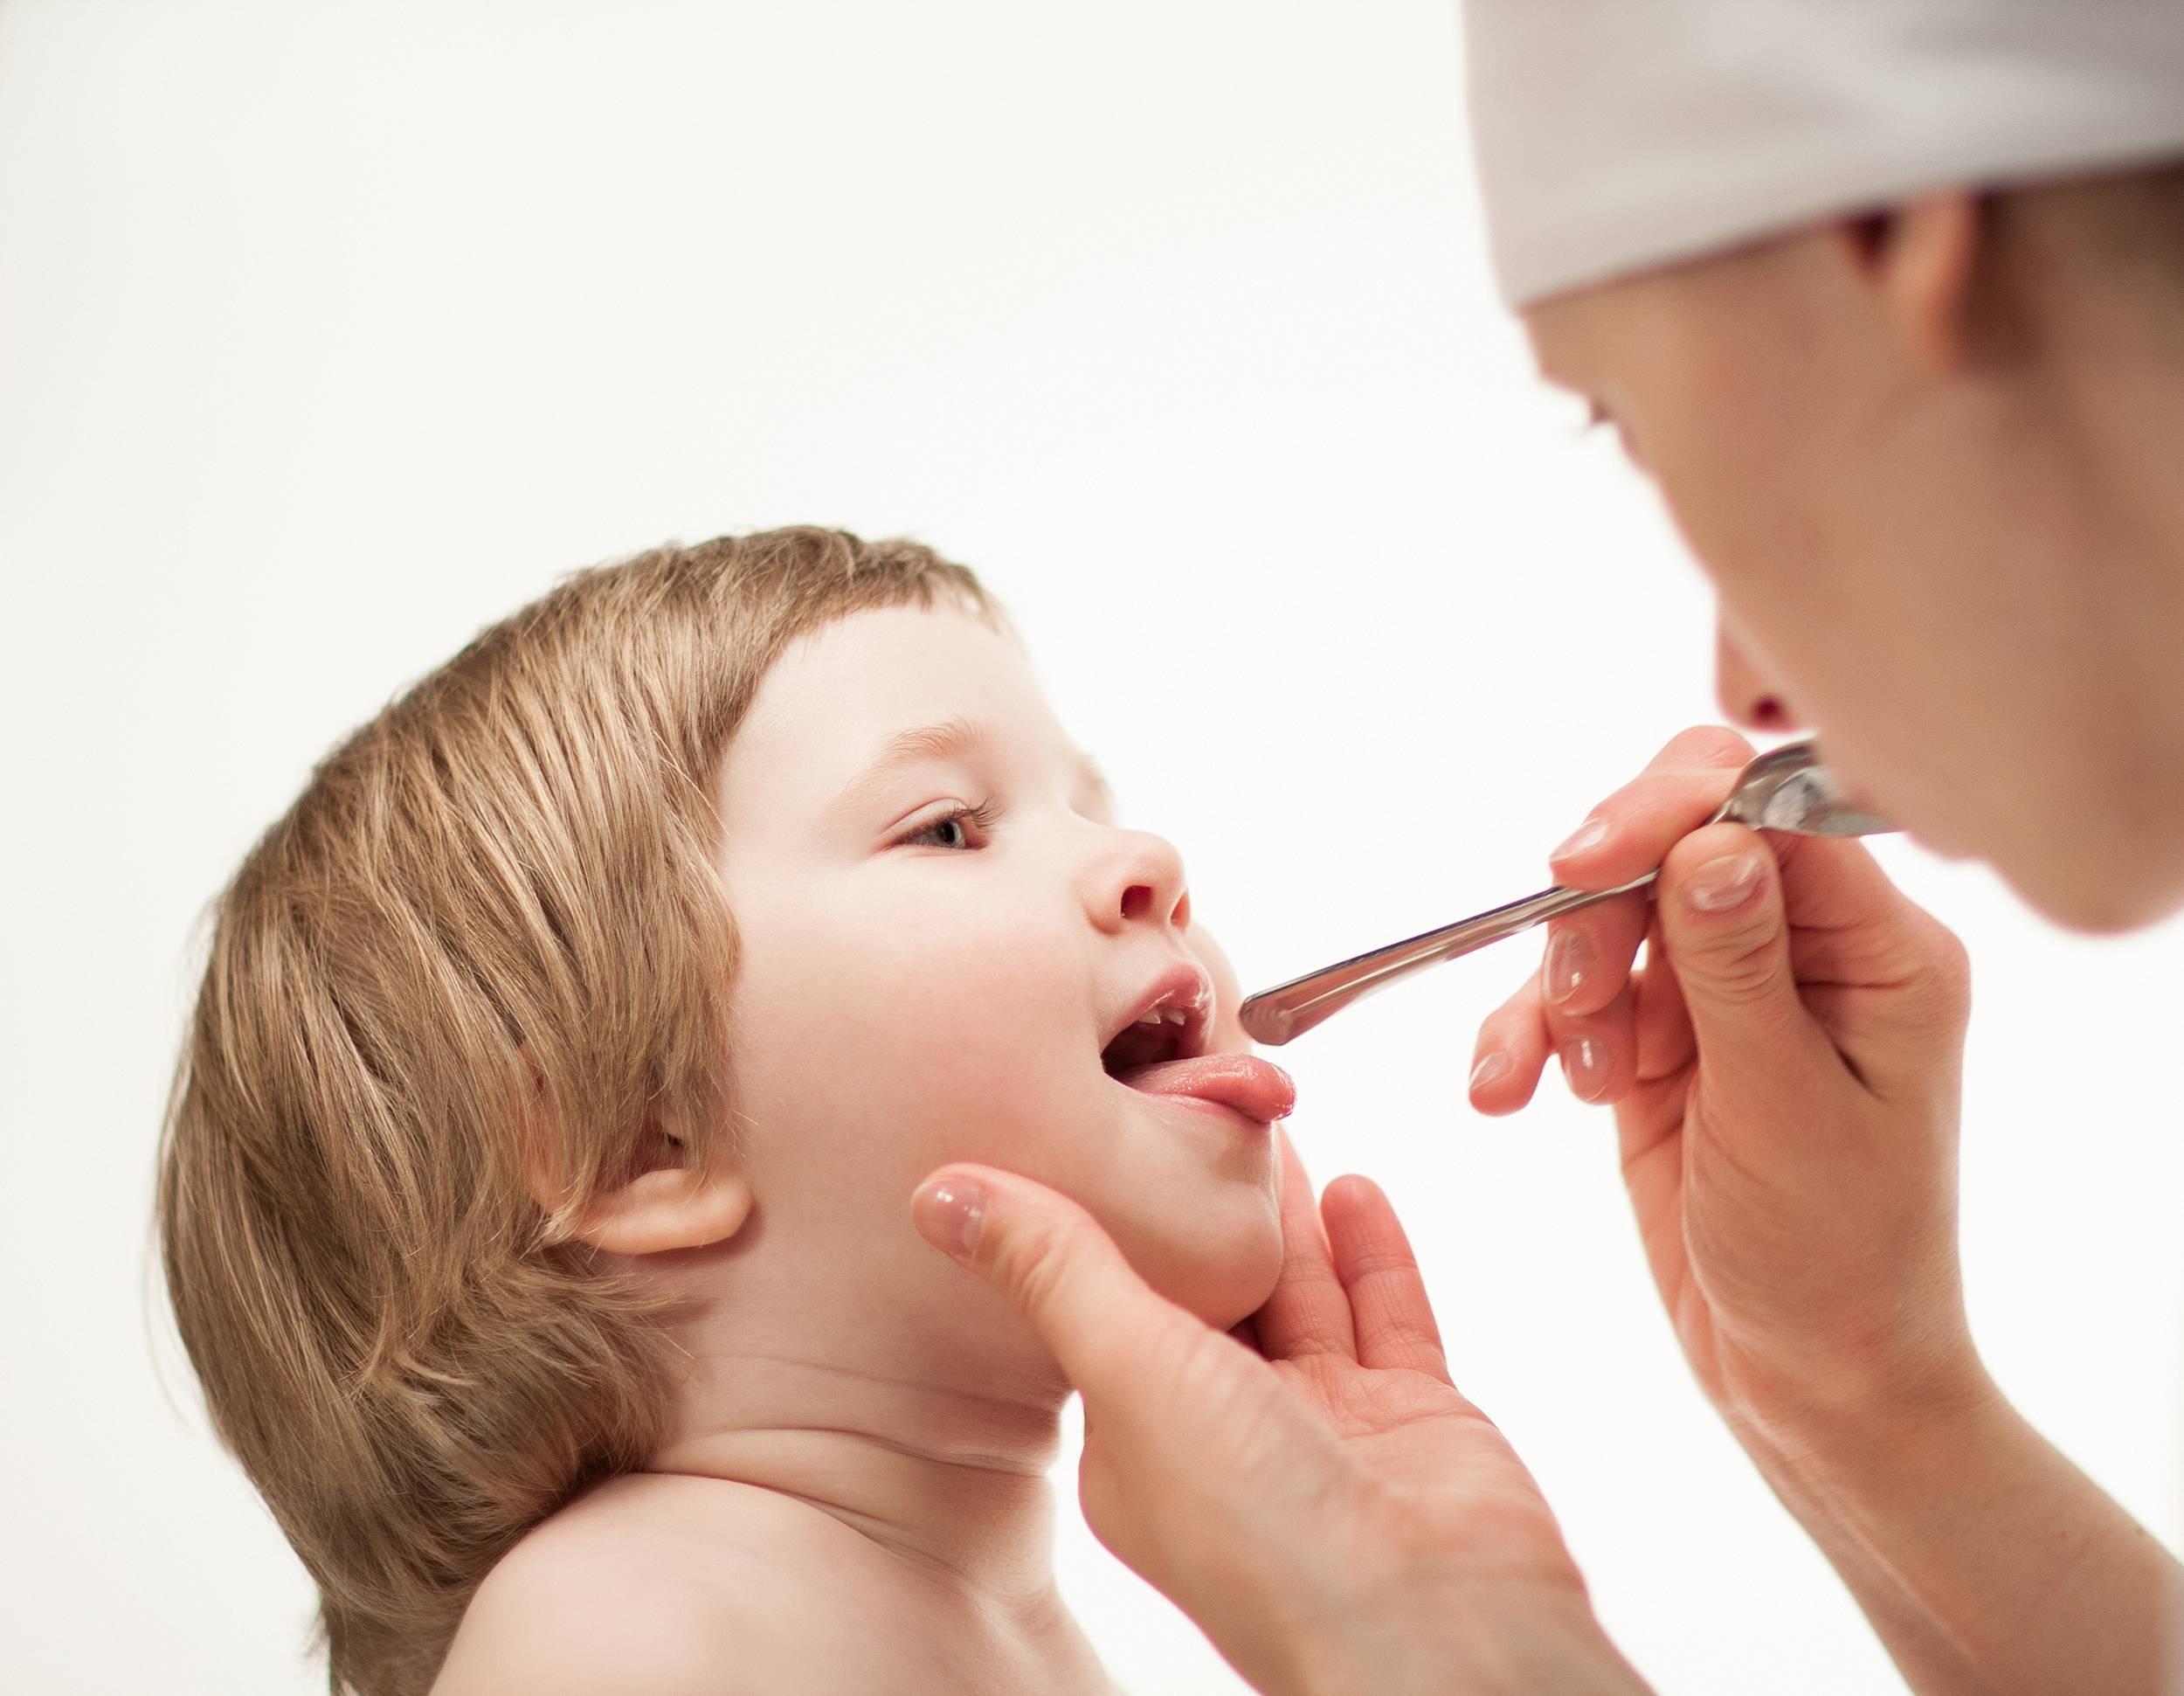 Круп у детей – симптомы и лечение, первая помощь при крупе у детей